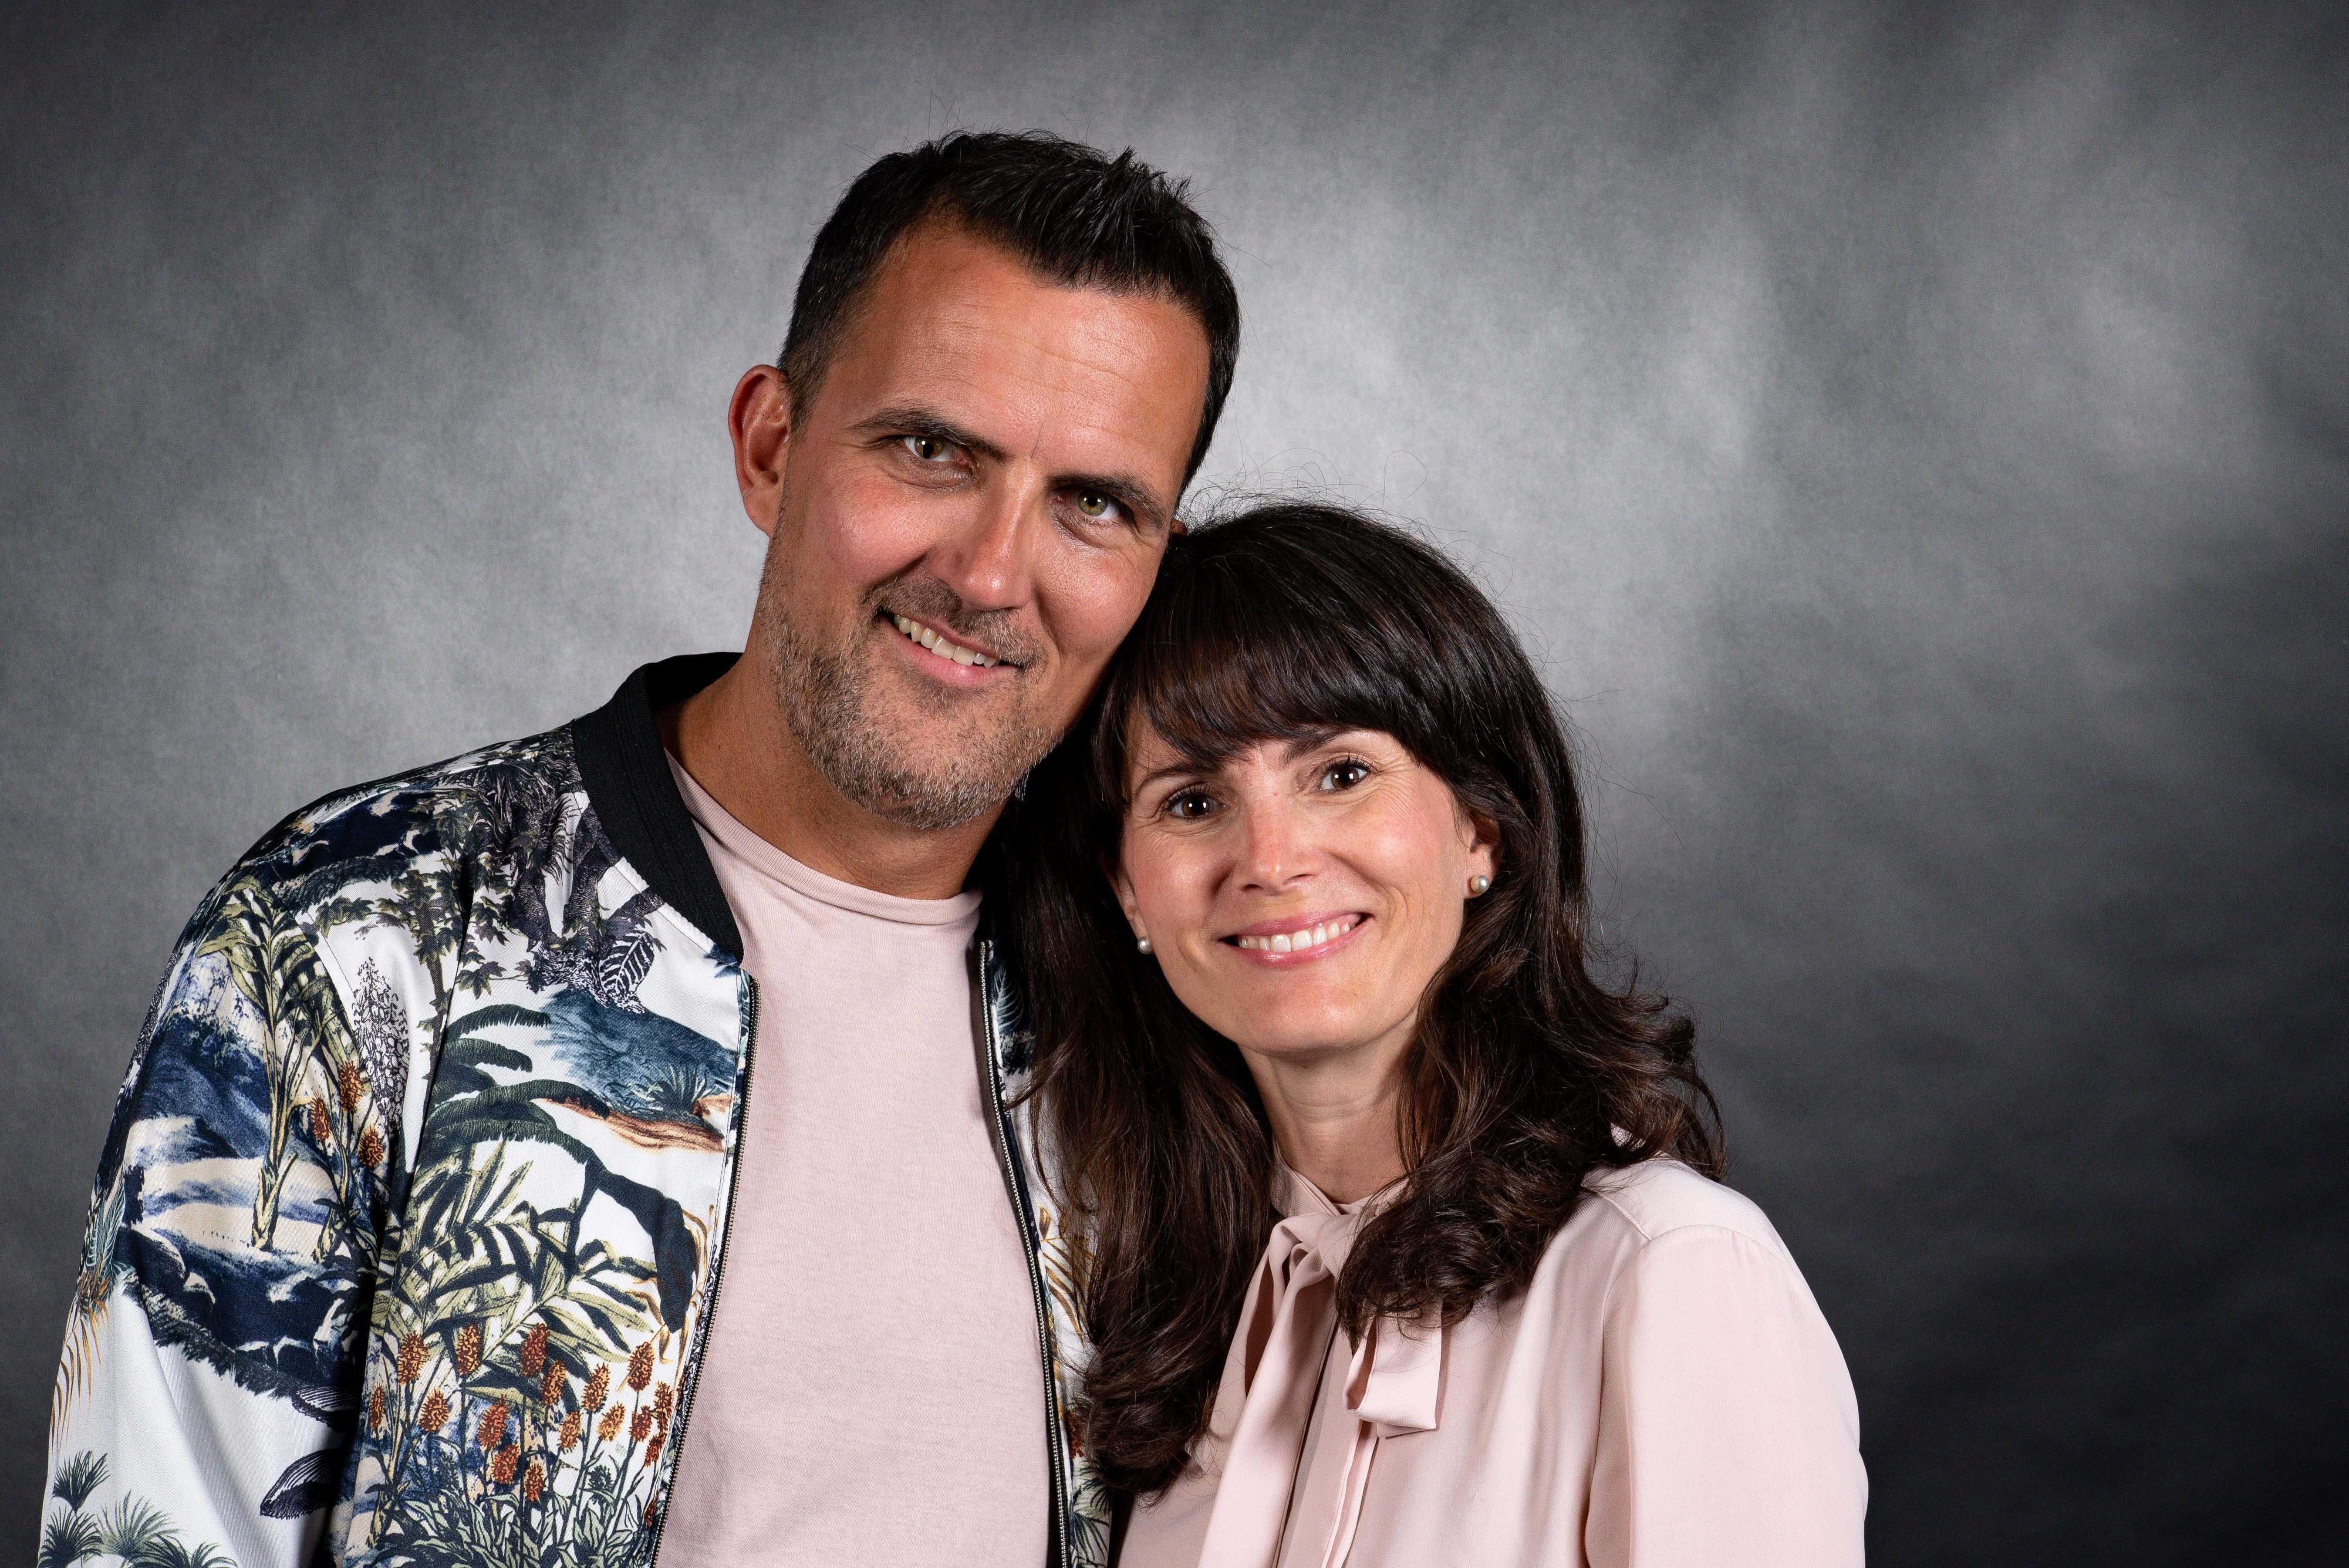 Tobias & Frauke Teichen